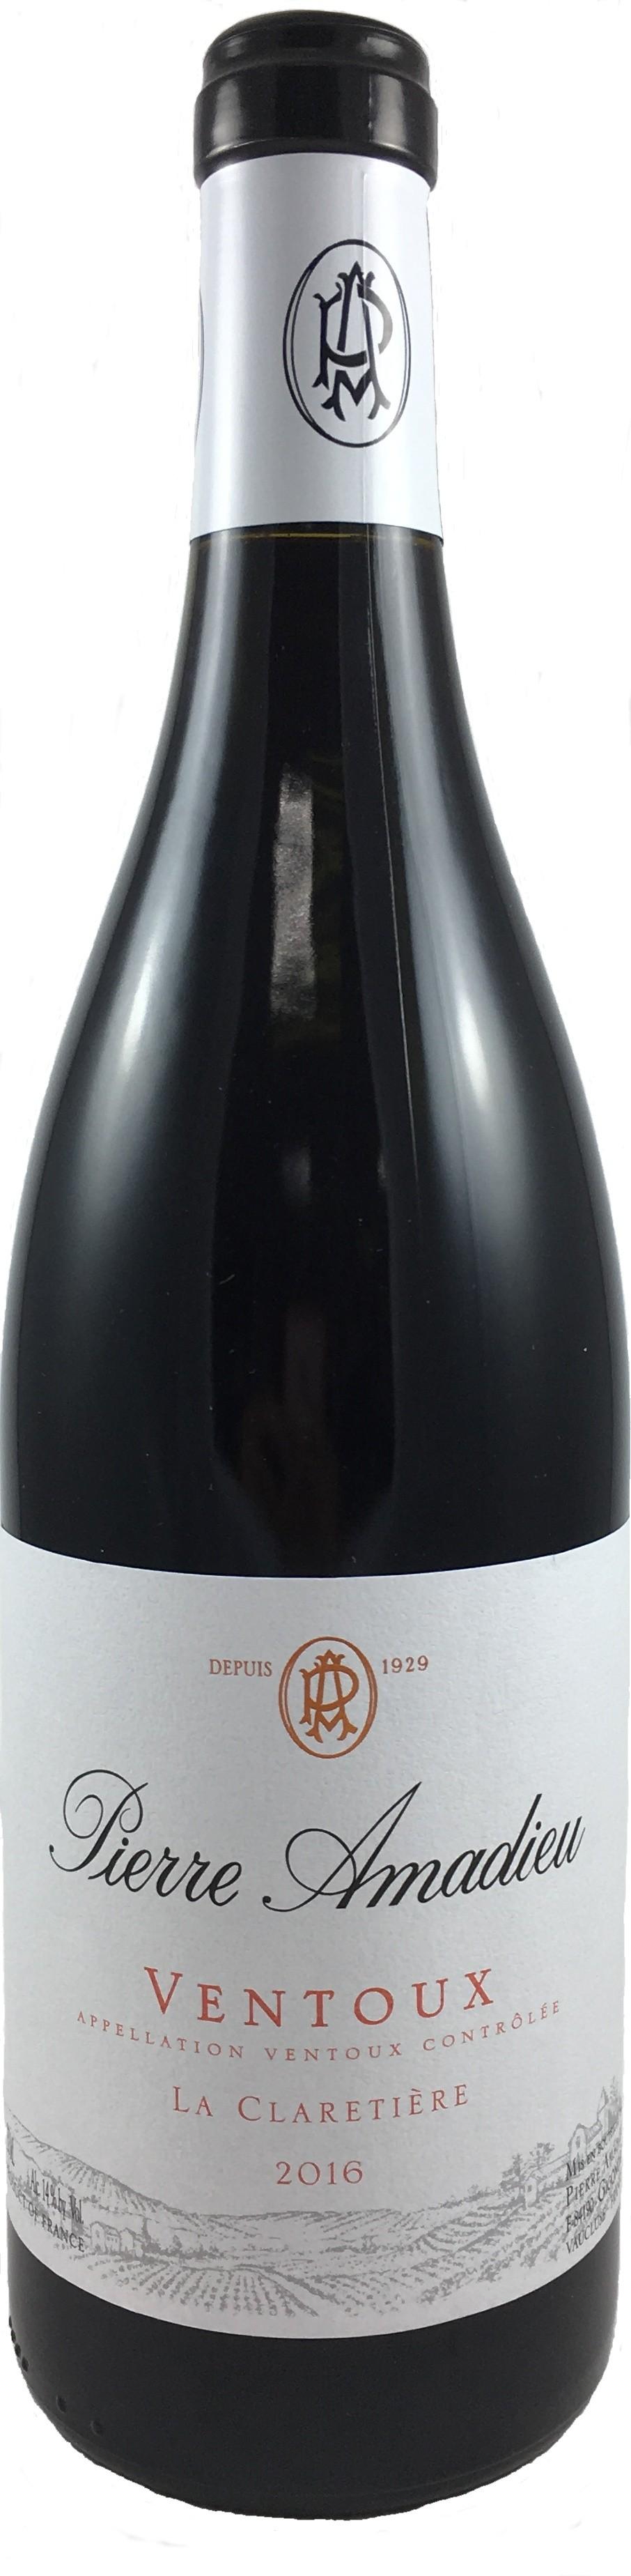 法國 隆河 馮杜AOC 2016  皮耶阿瑪德酒莊 拉克拉提耶紅葡萄酒